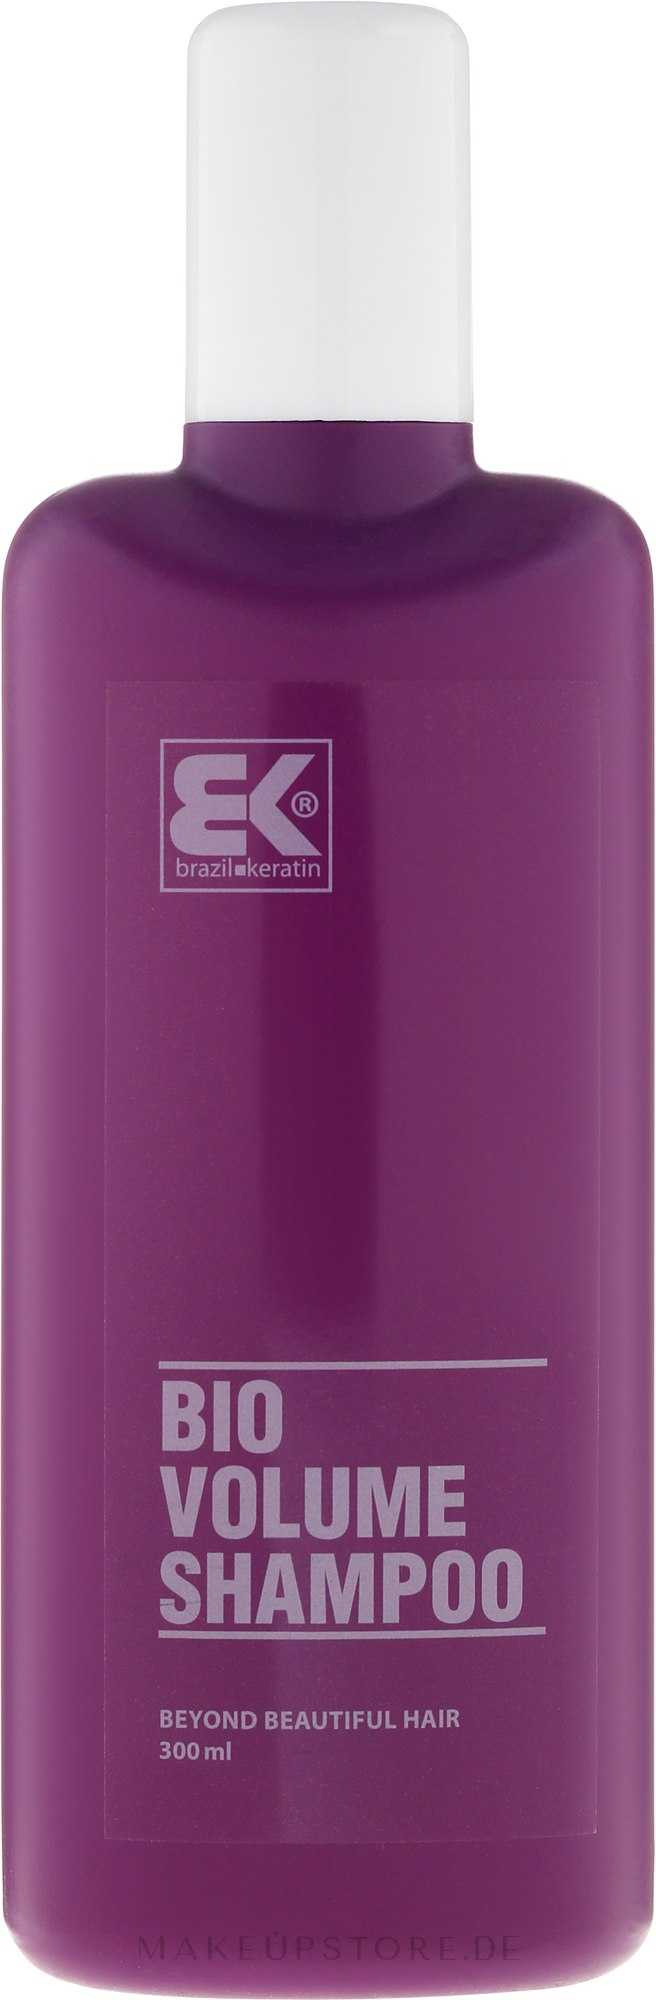 Shampoo mit Keratin für mehr Volumen - Brazil Keratin Bio Volume Shampoo — Bild 300 ml